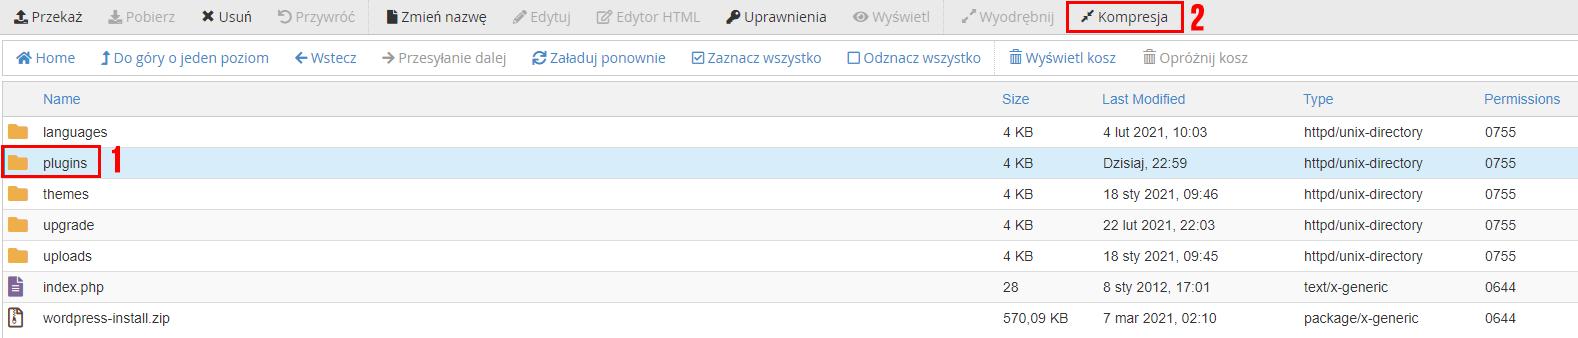 Zaznacz plik i kliknij opcję: Kompresja w Menadżerze plików cPanel